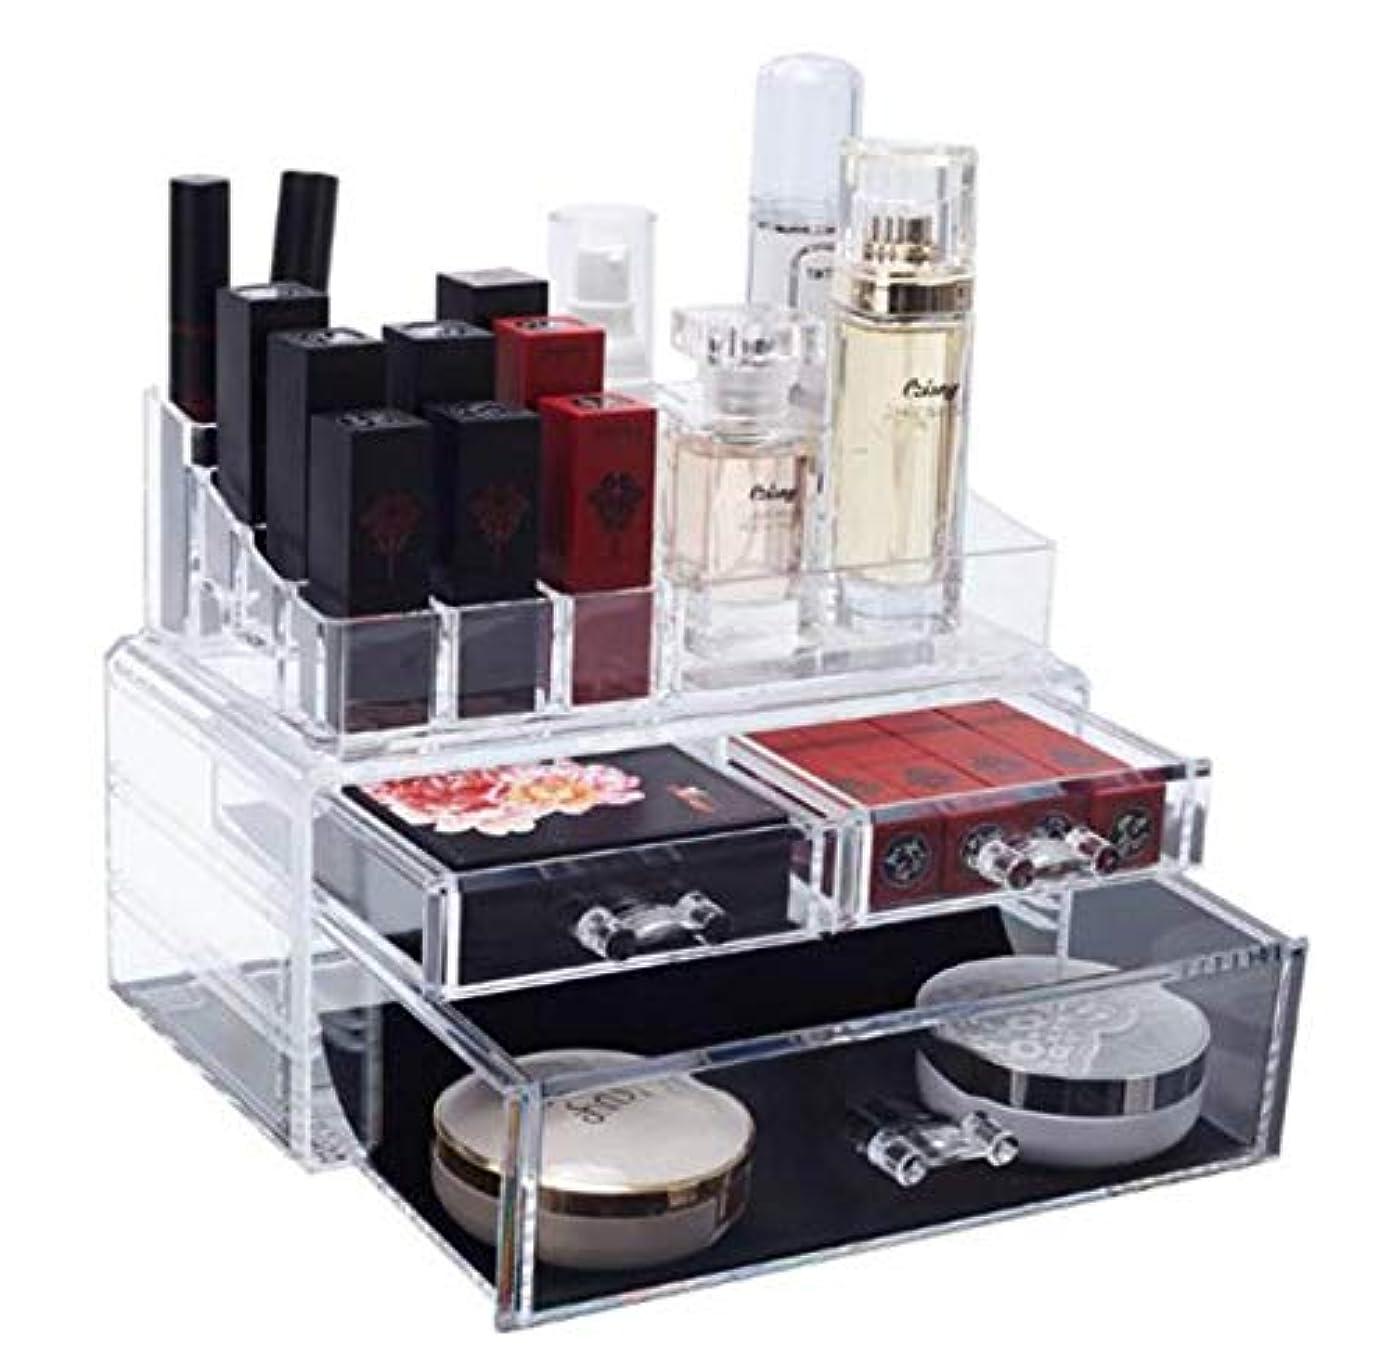 予防接種ニックネームタービン化粧品収納ボックス メイク収納ケース コスメ 収納ボックス 大容量 高透明度 引き出し アクセサリー/化粧品入れ 耐久